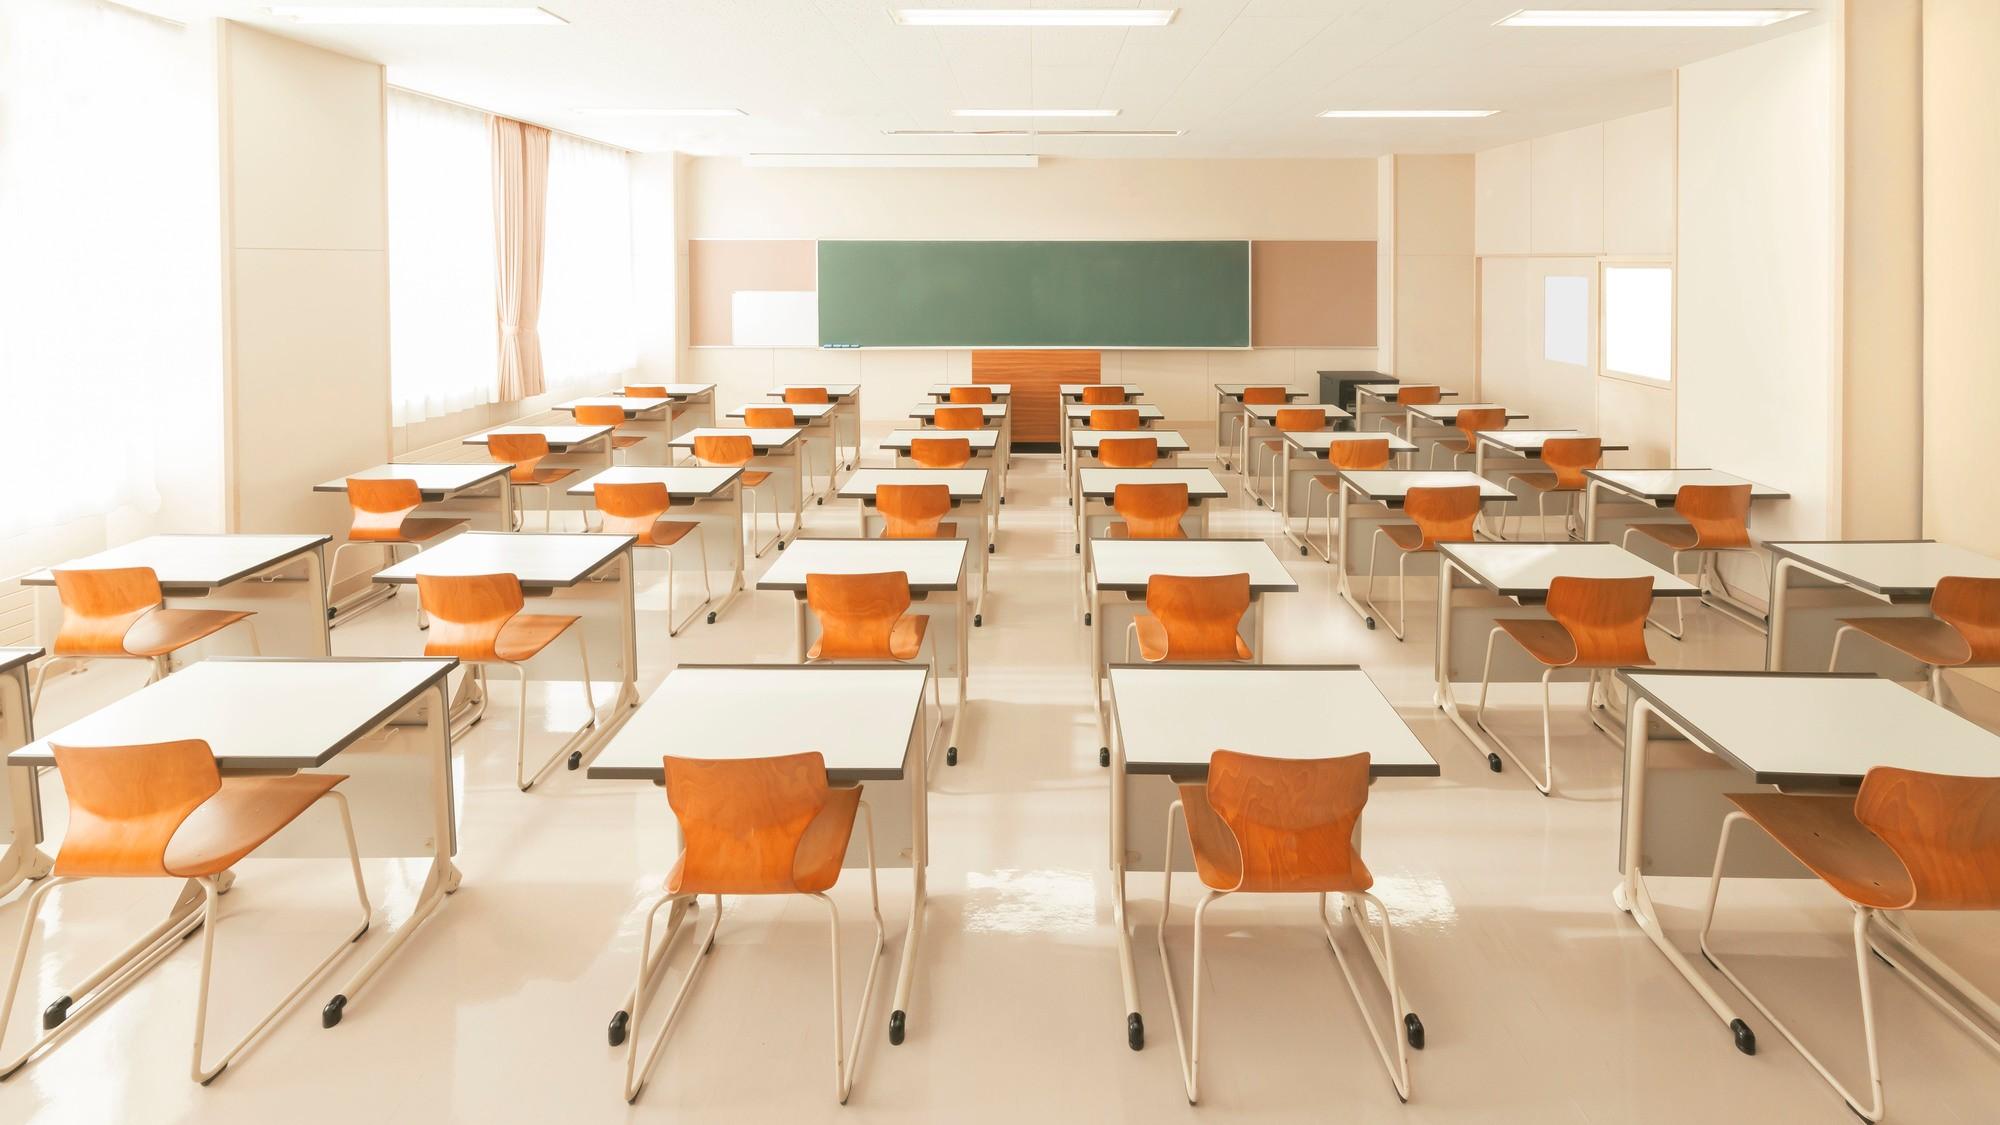 「脱ゆとり教育」も効果は?…日本人の読解力が急落していた